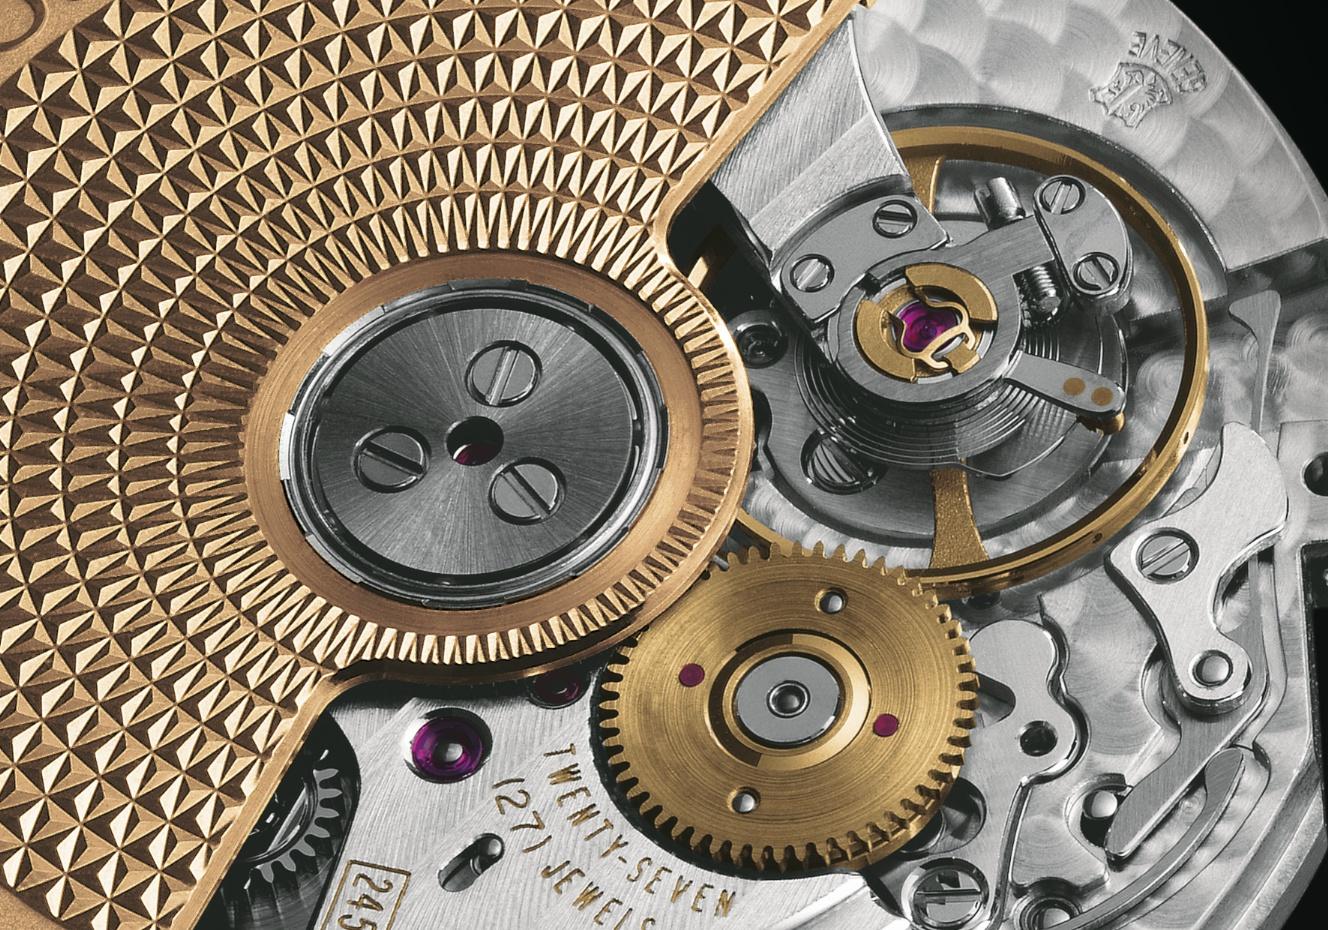 Vacheron Constantin: Calibre automatique 2450 Vc2451